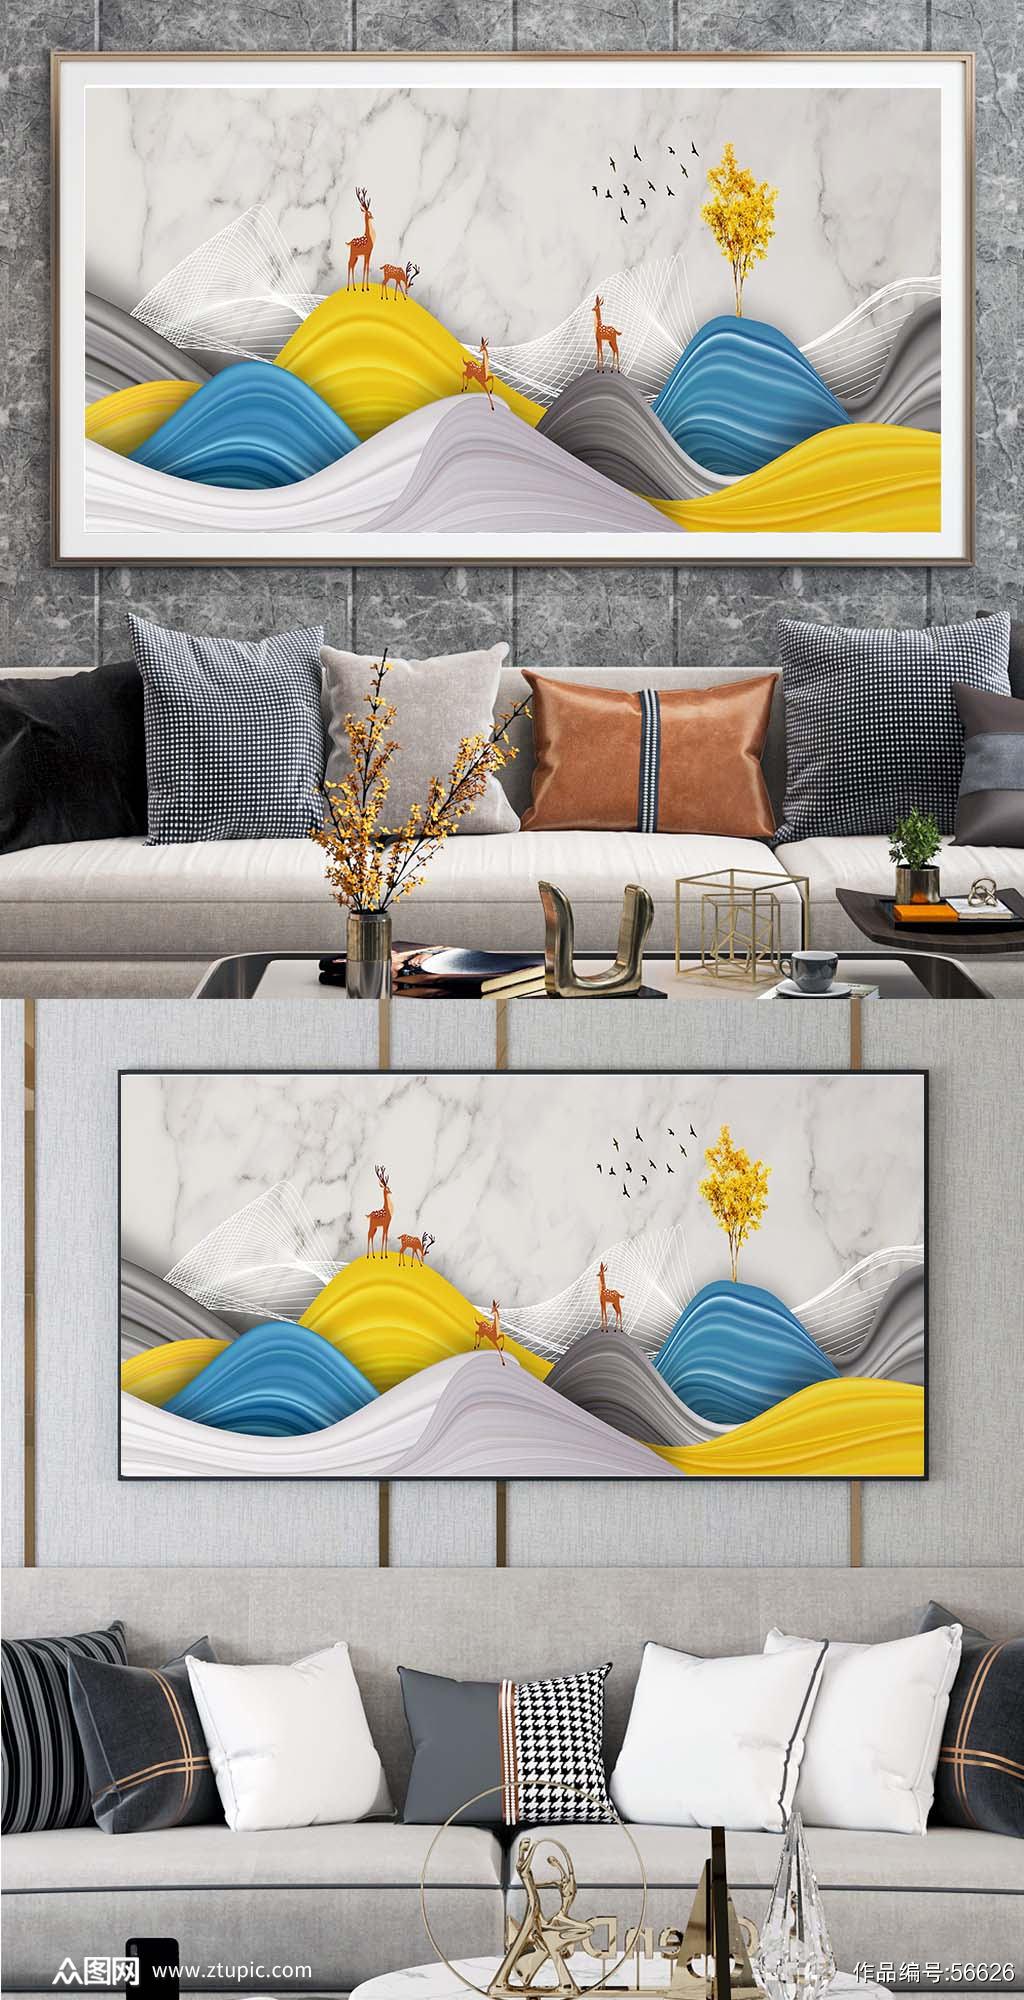 客厅装饰挂画素材